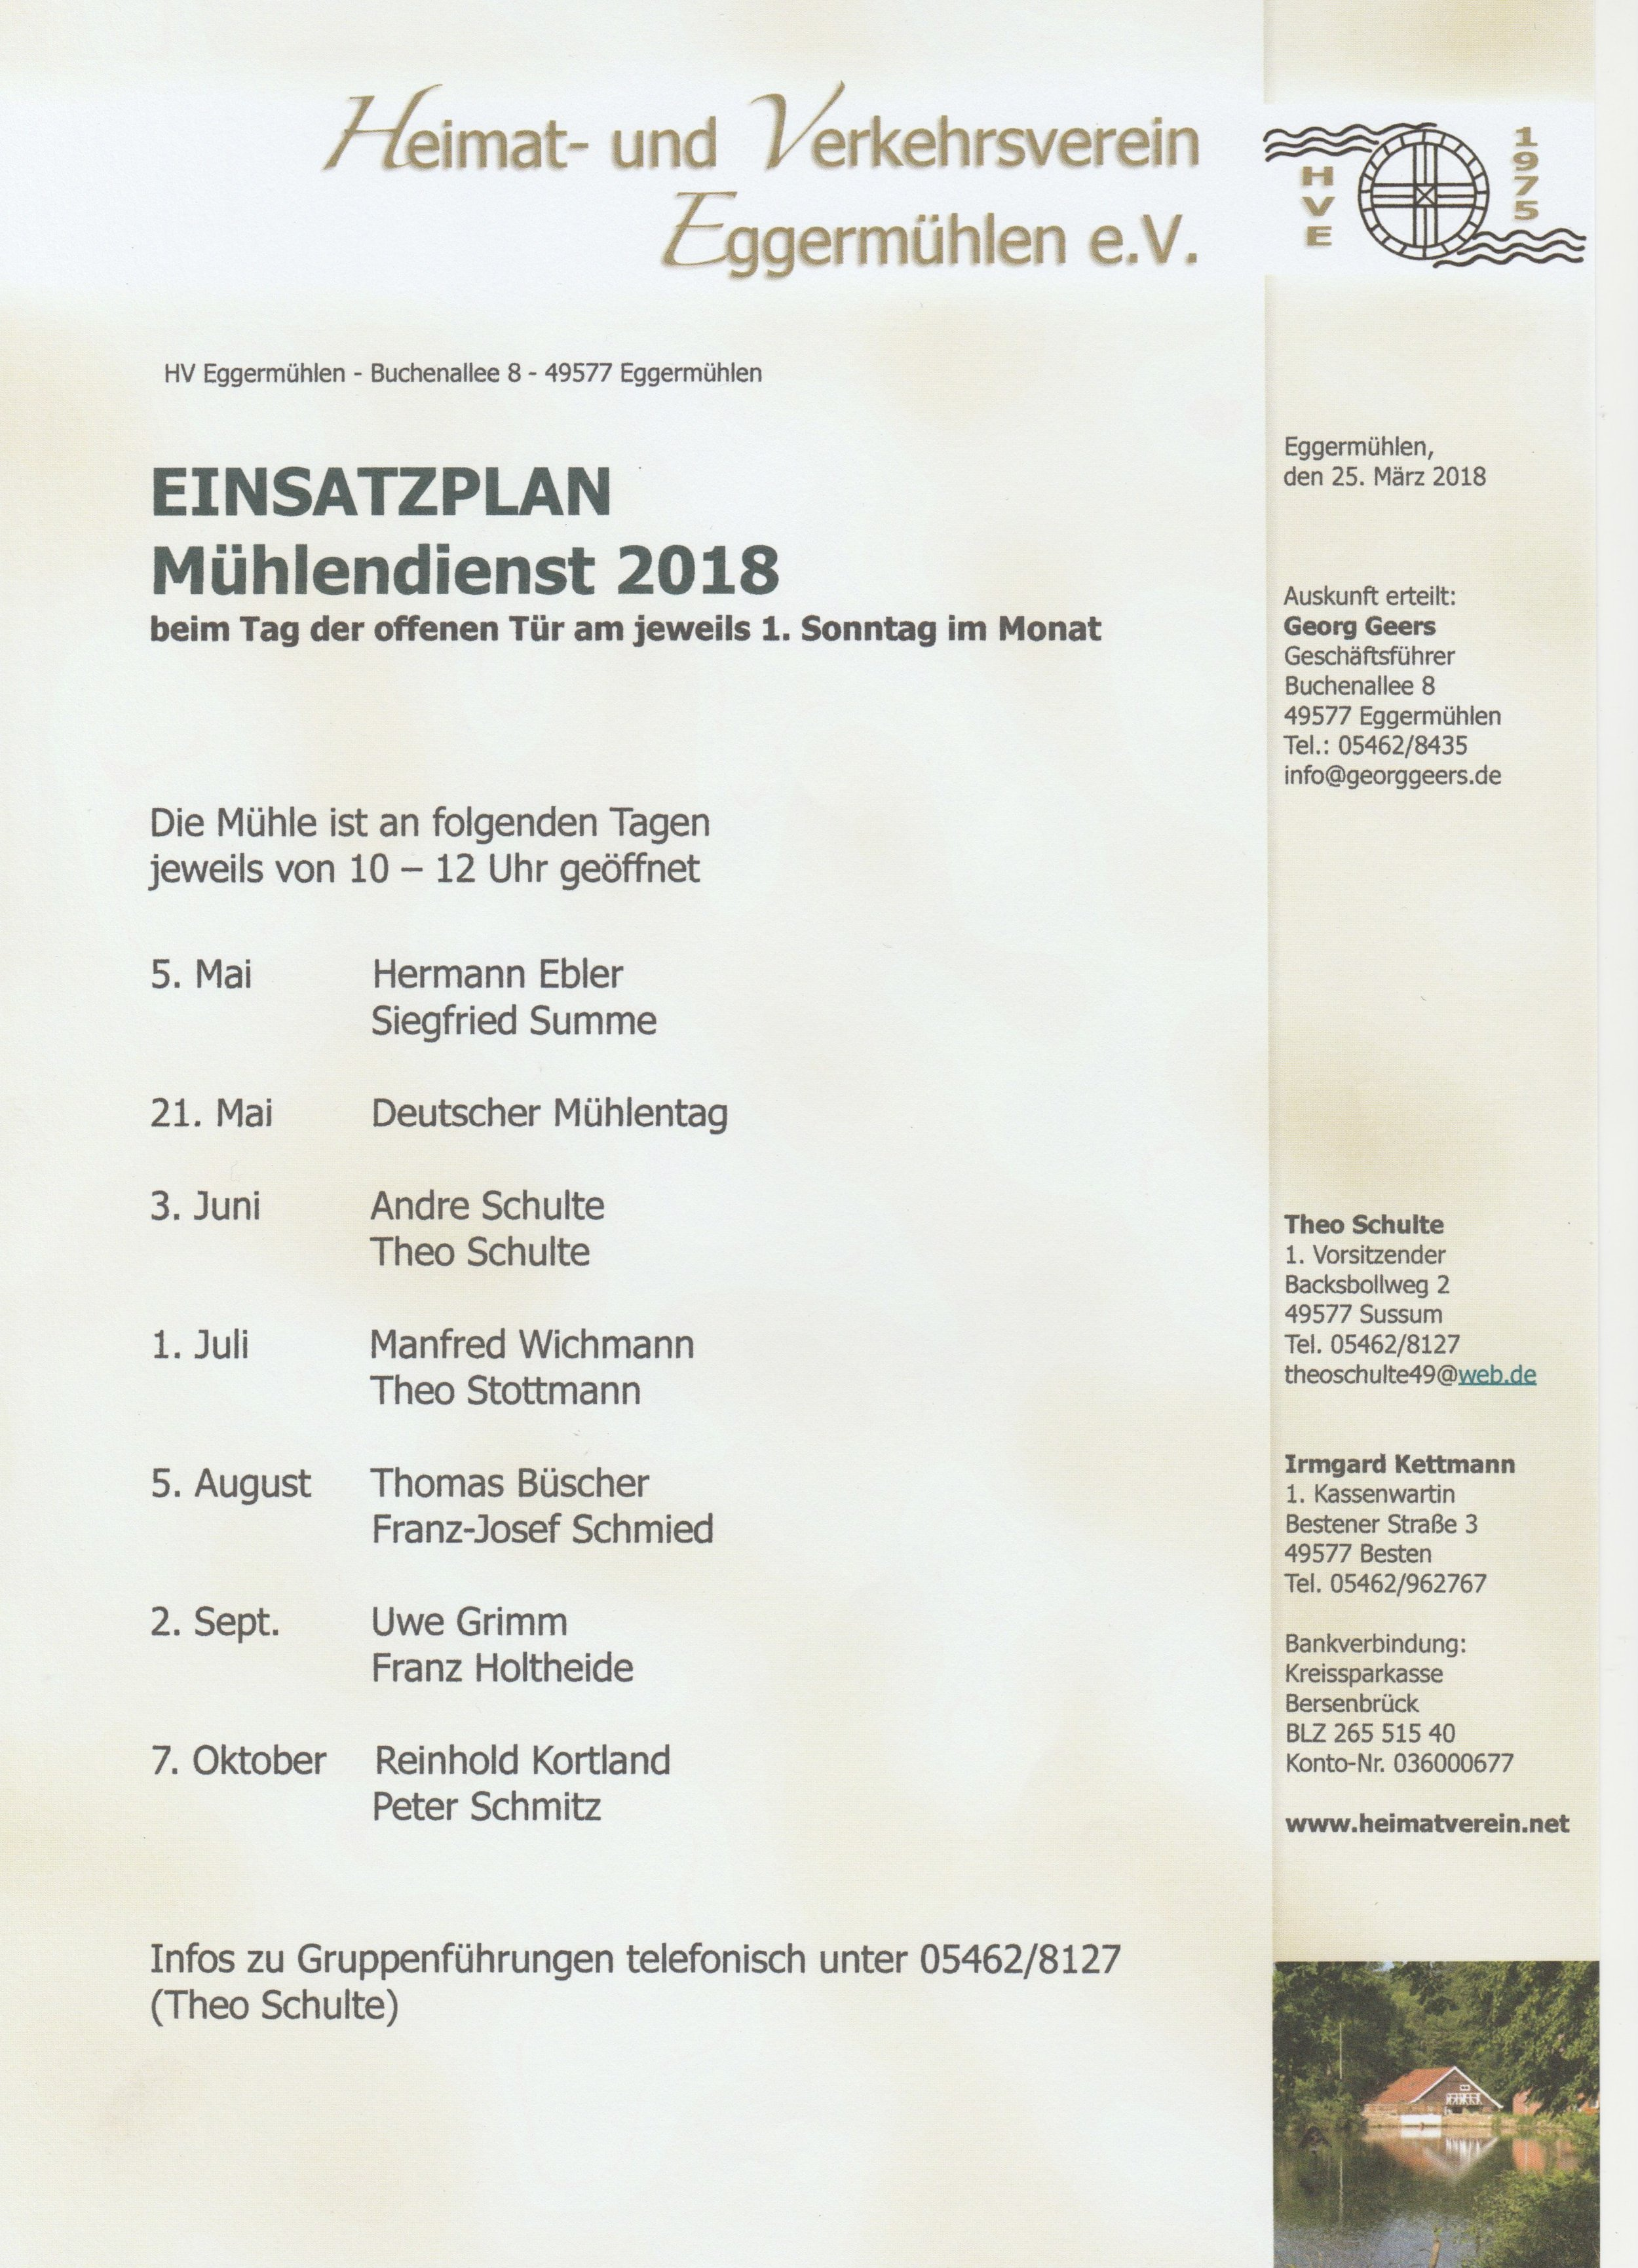 03.29.2018 Einsatzplan Mühlendienst.jpeg